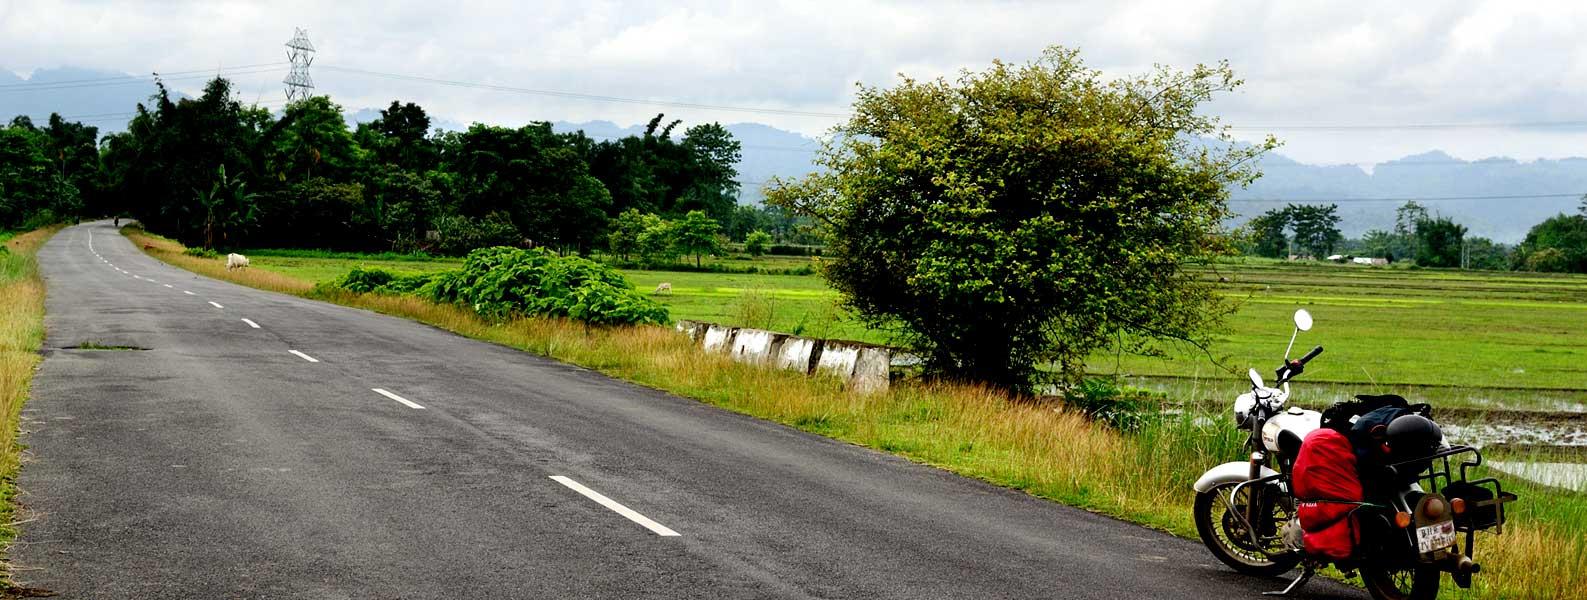 Motorcycle tour in Arunachal Pradesh